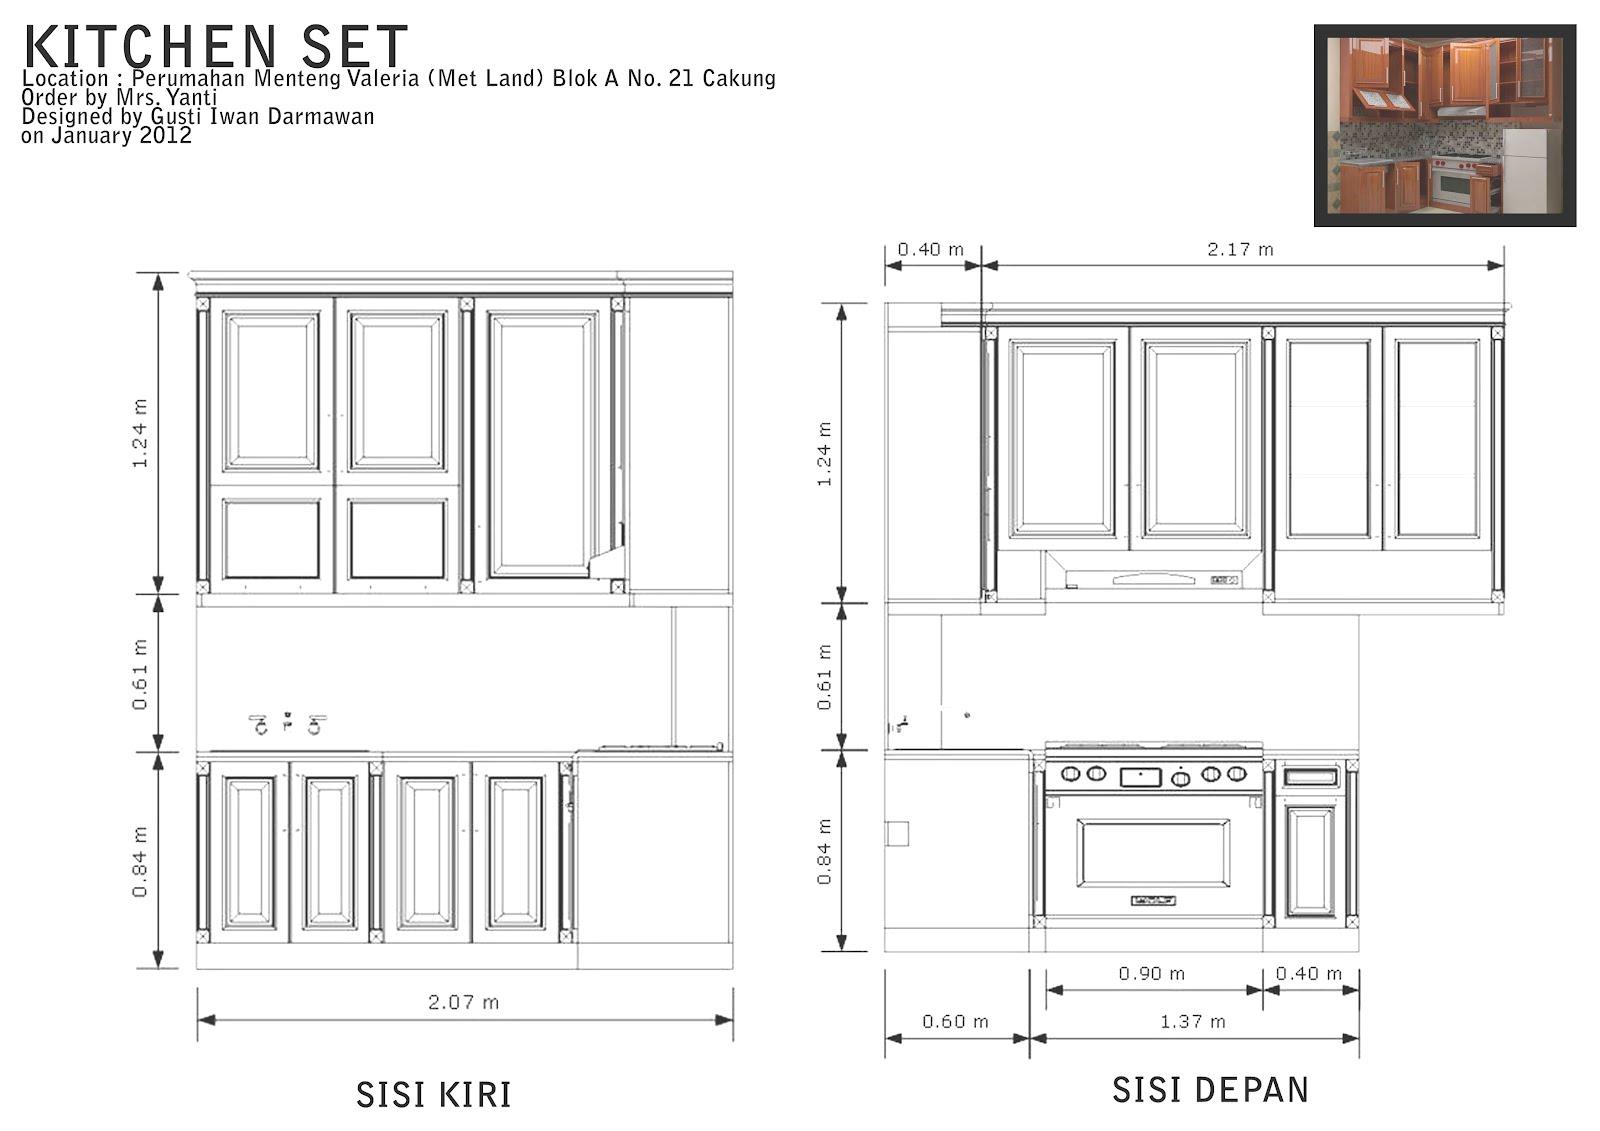 Pin ukuran kitchen bawah atas genuardis portal on pinterest for Ukuran kitchen set